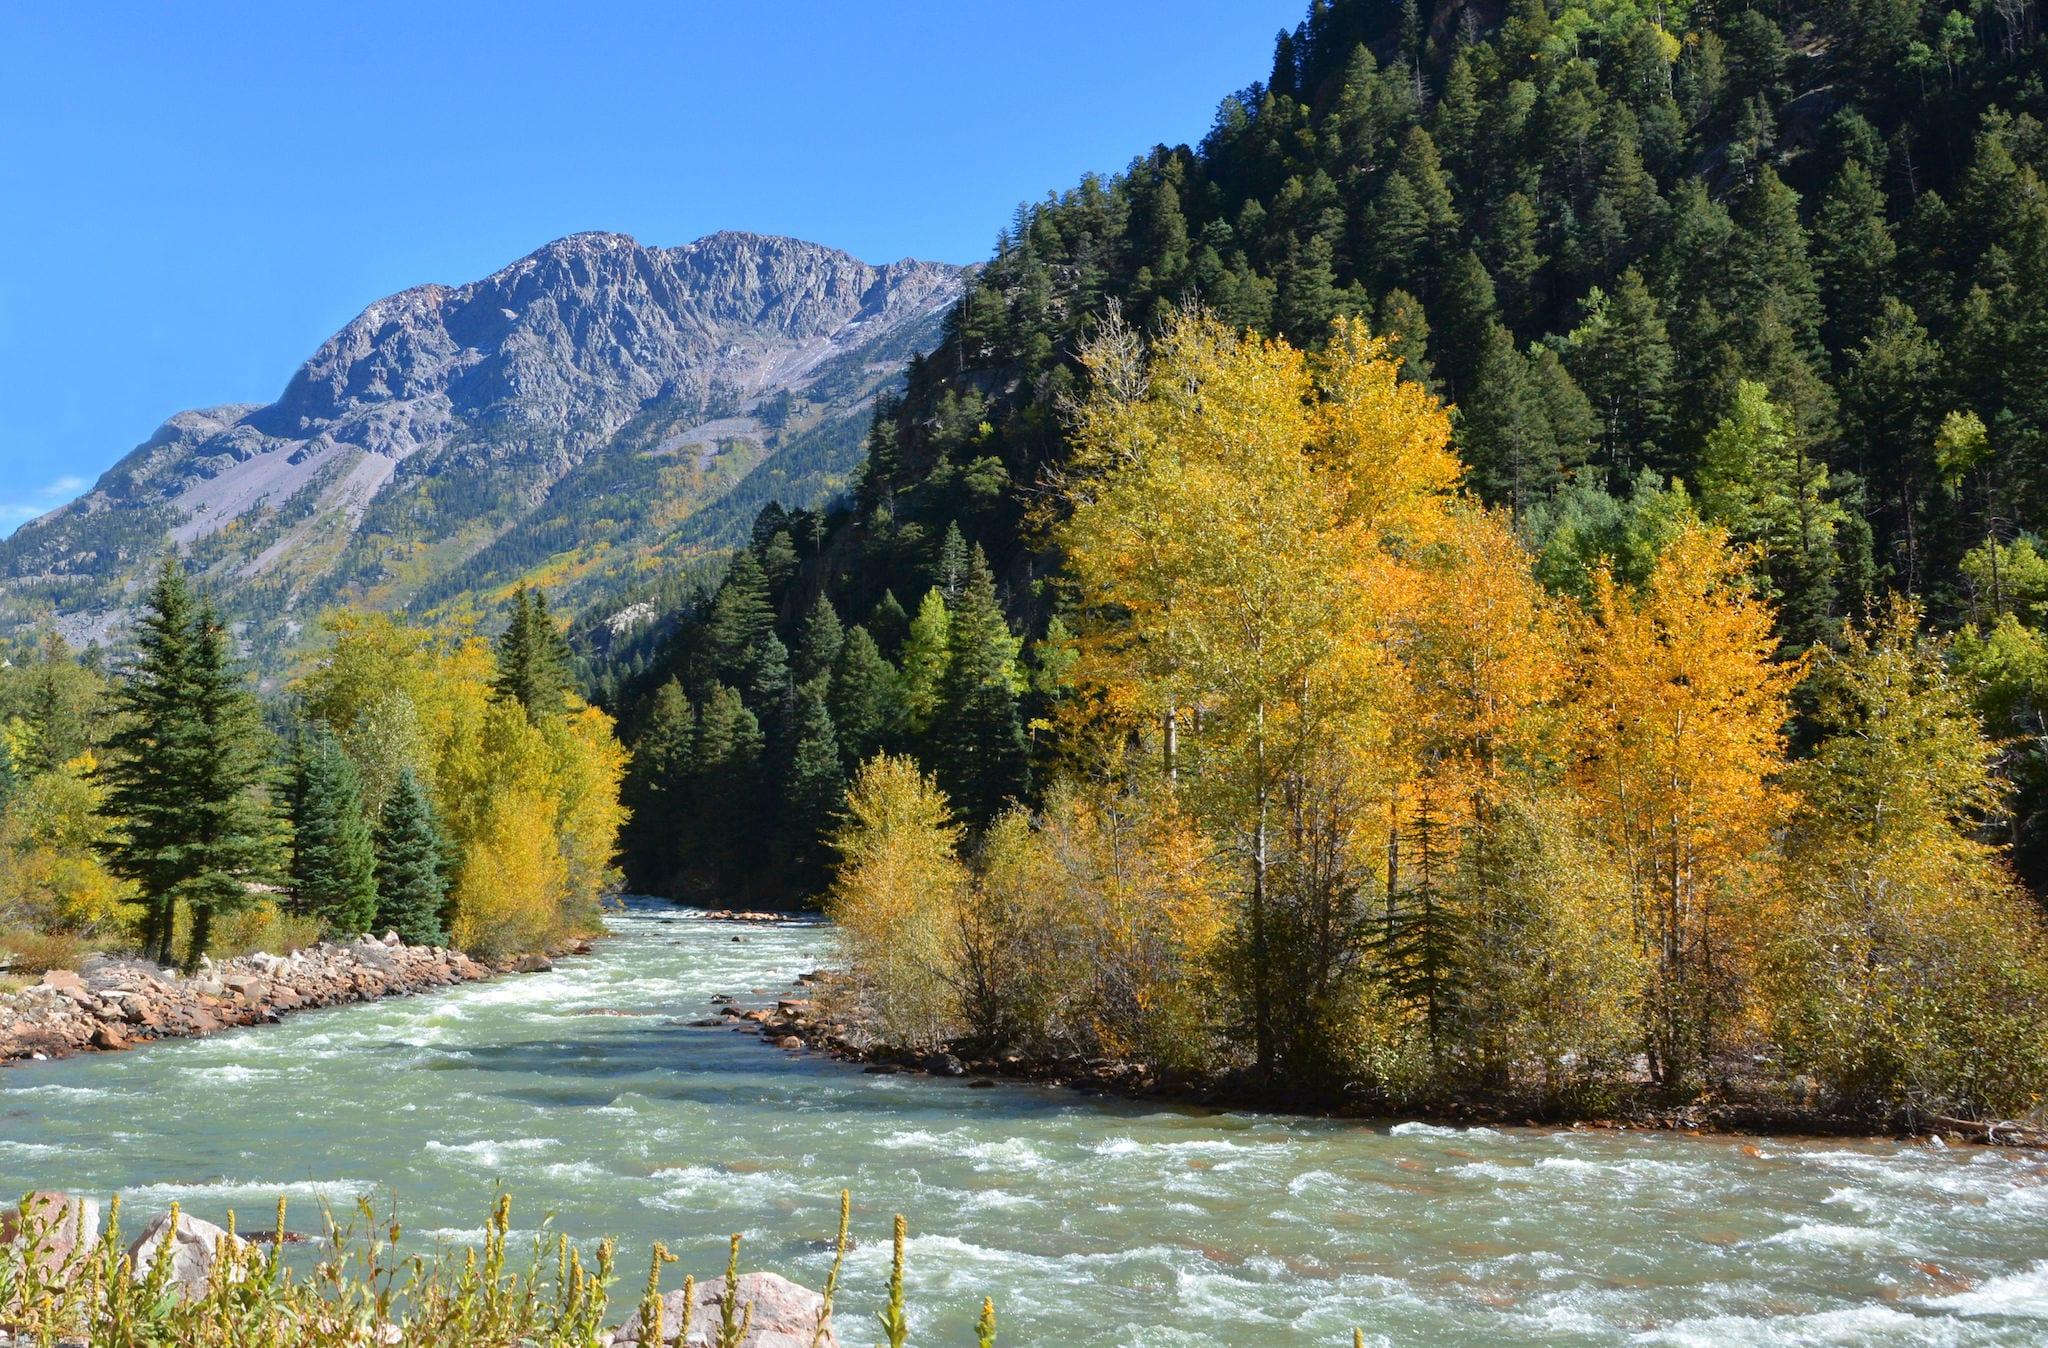 Animas River Durango CO Early Fall Colors